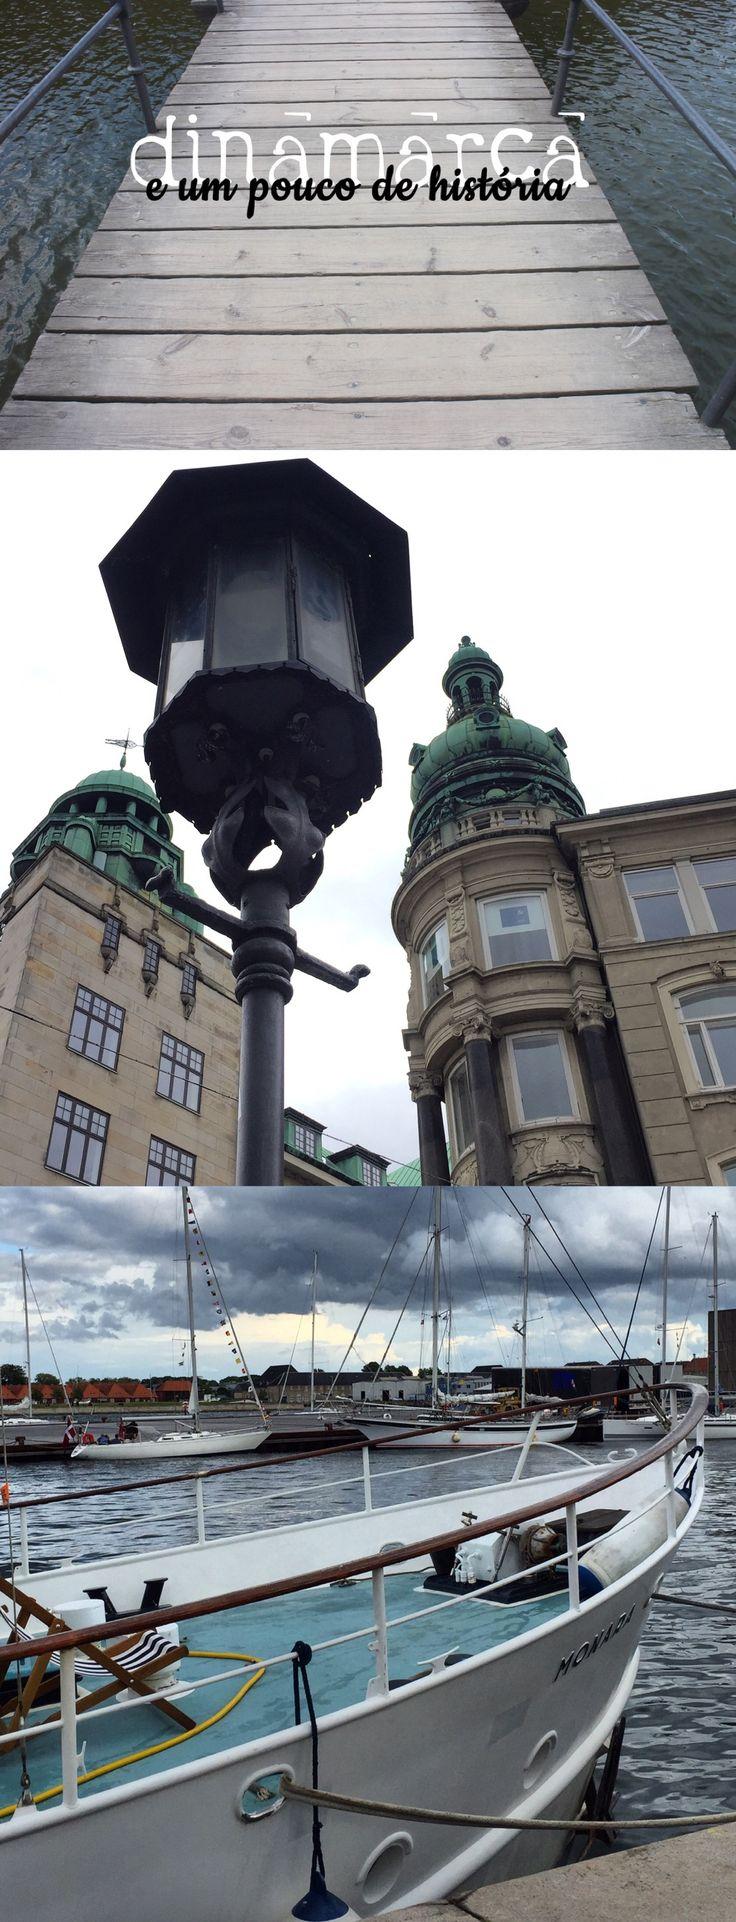 A Dinamarca e um pouco de história!